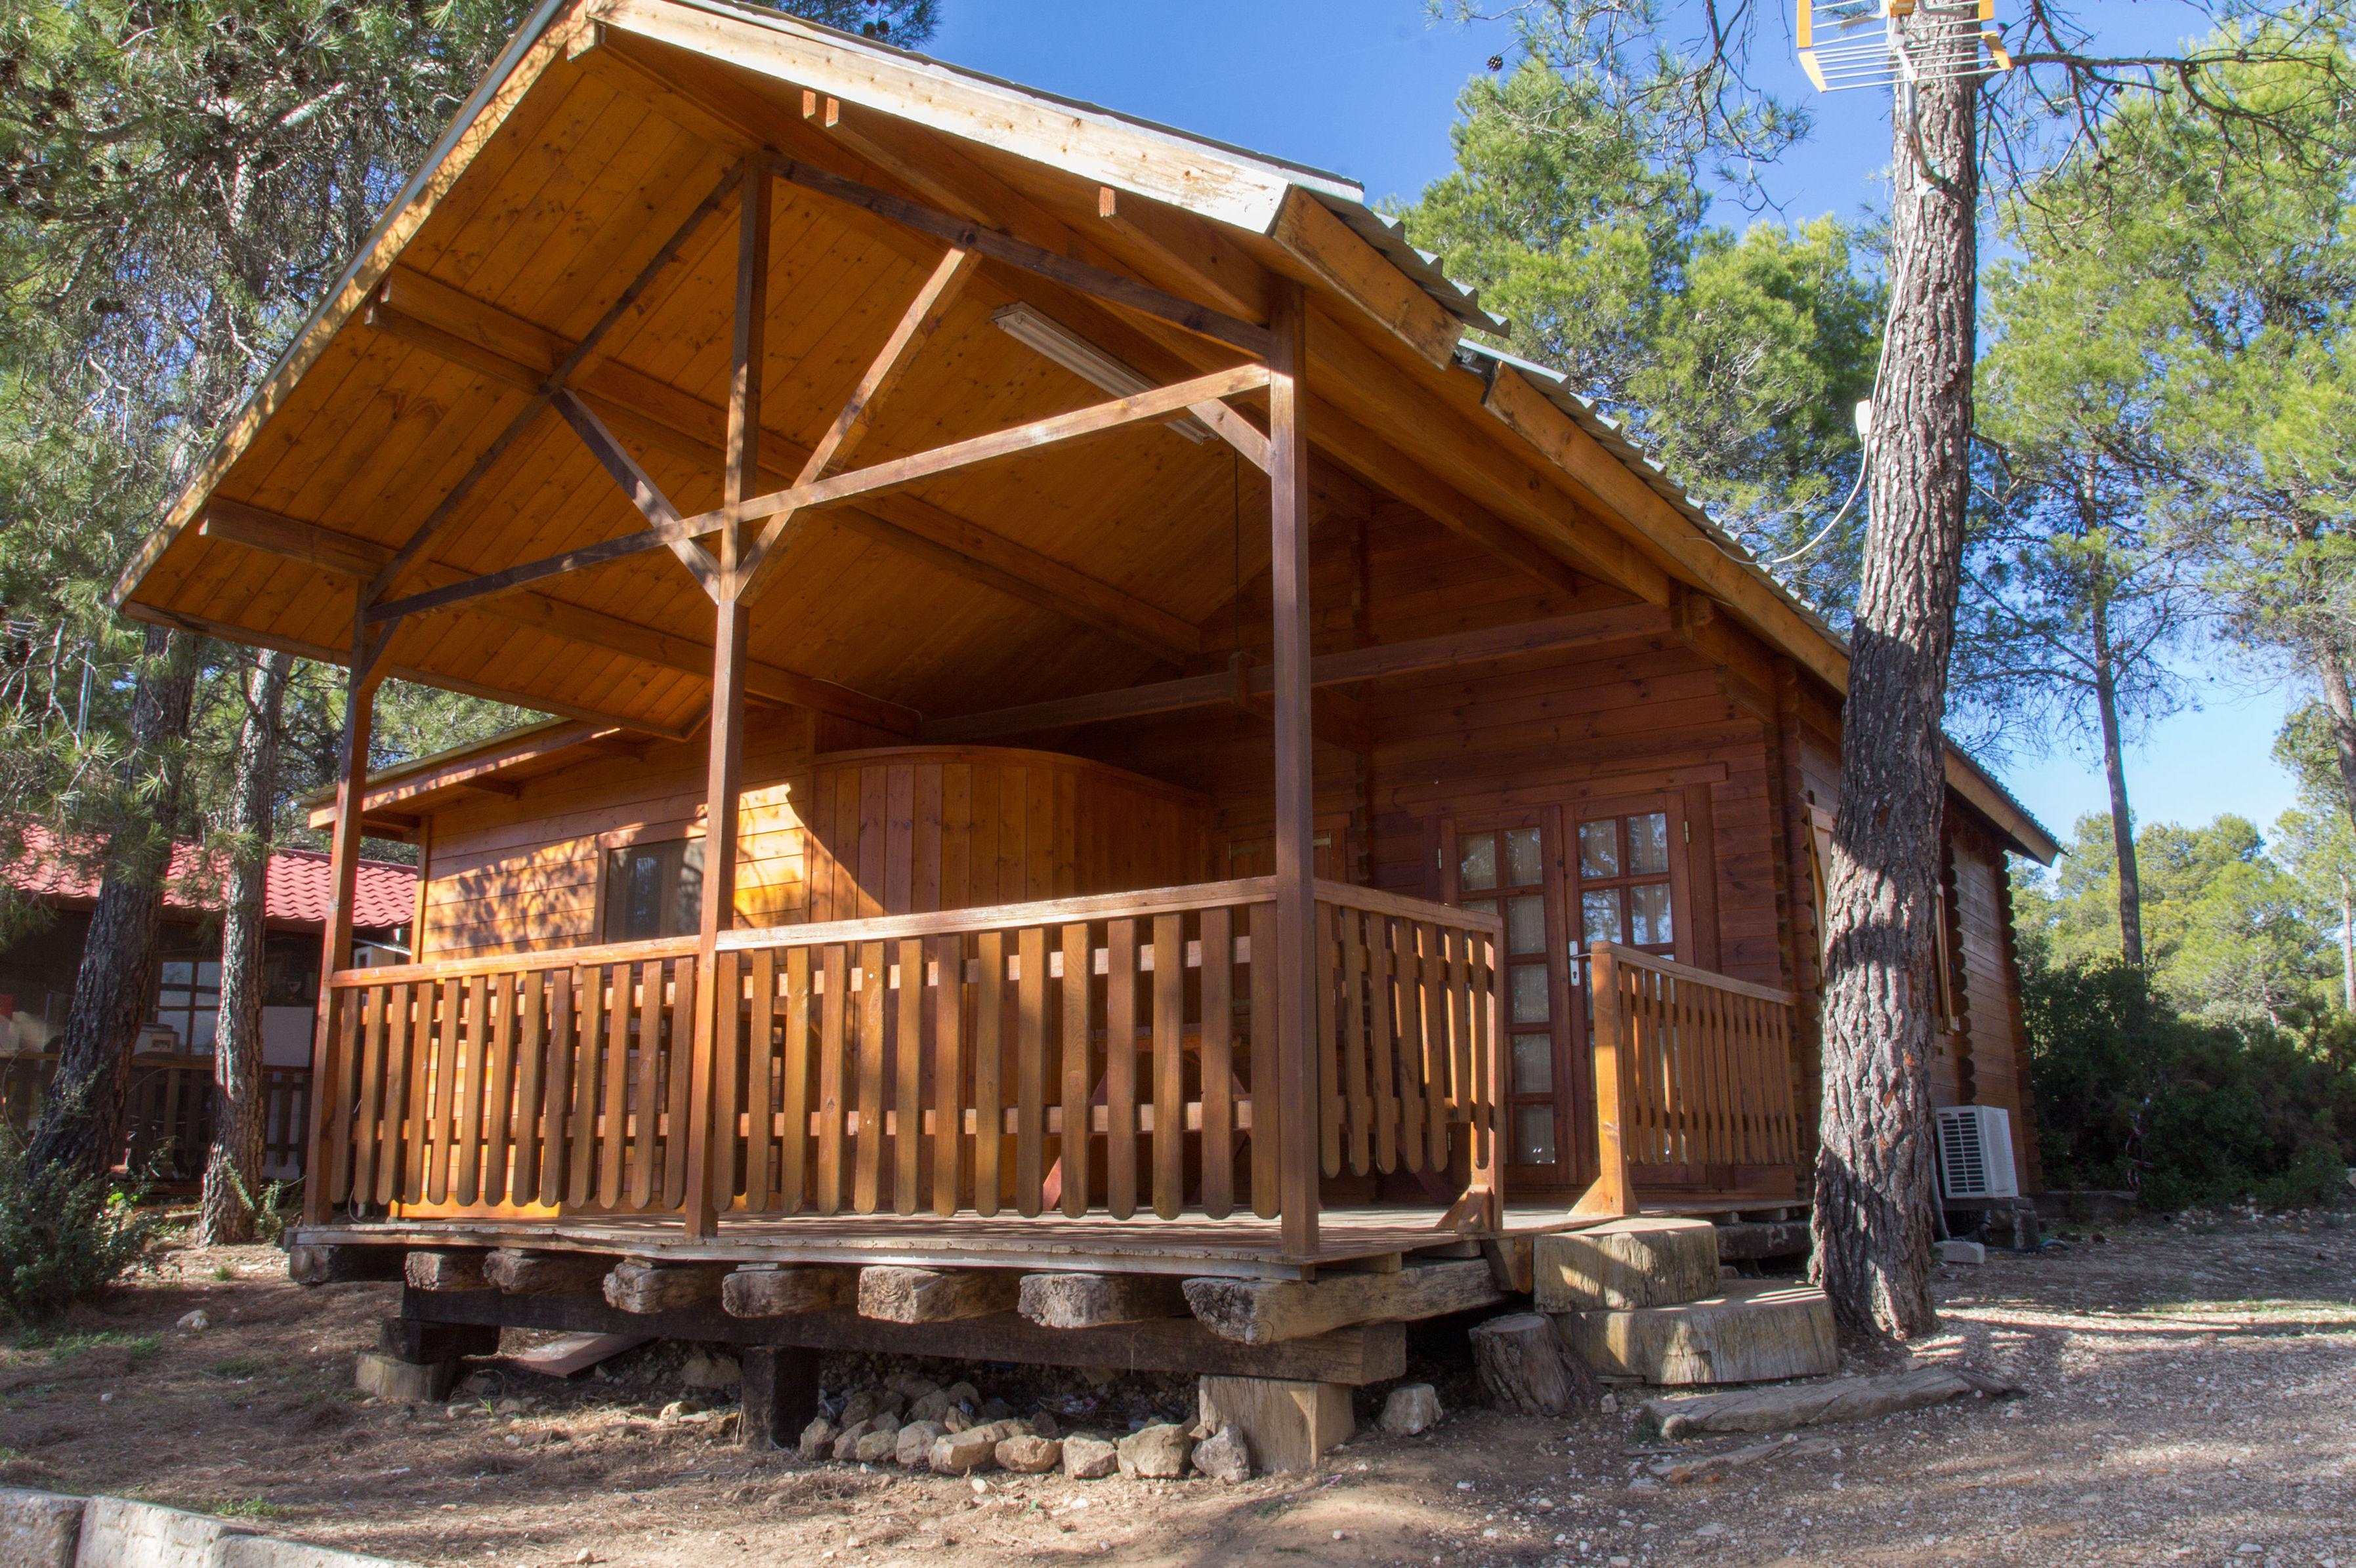 Camping de ambiente familiar en la Sierra de Enguera, Navalón, Enguera, Valencia